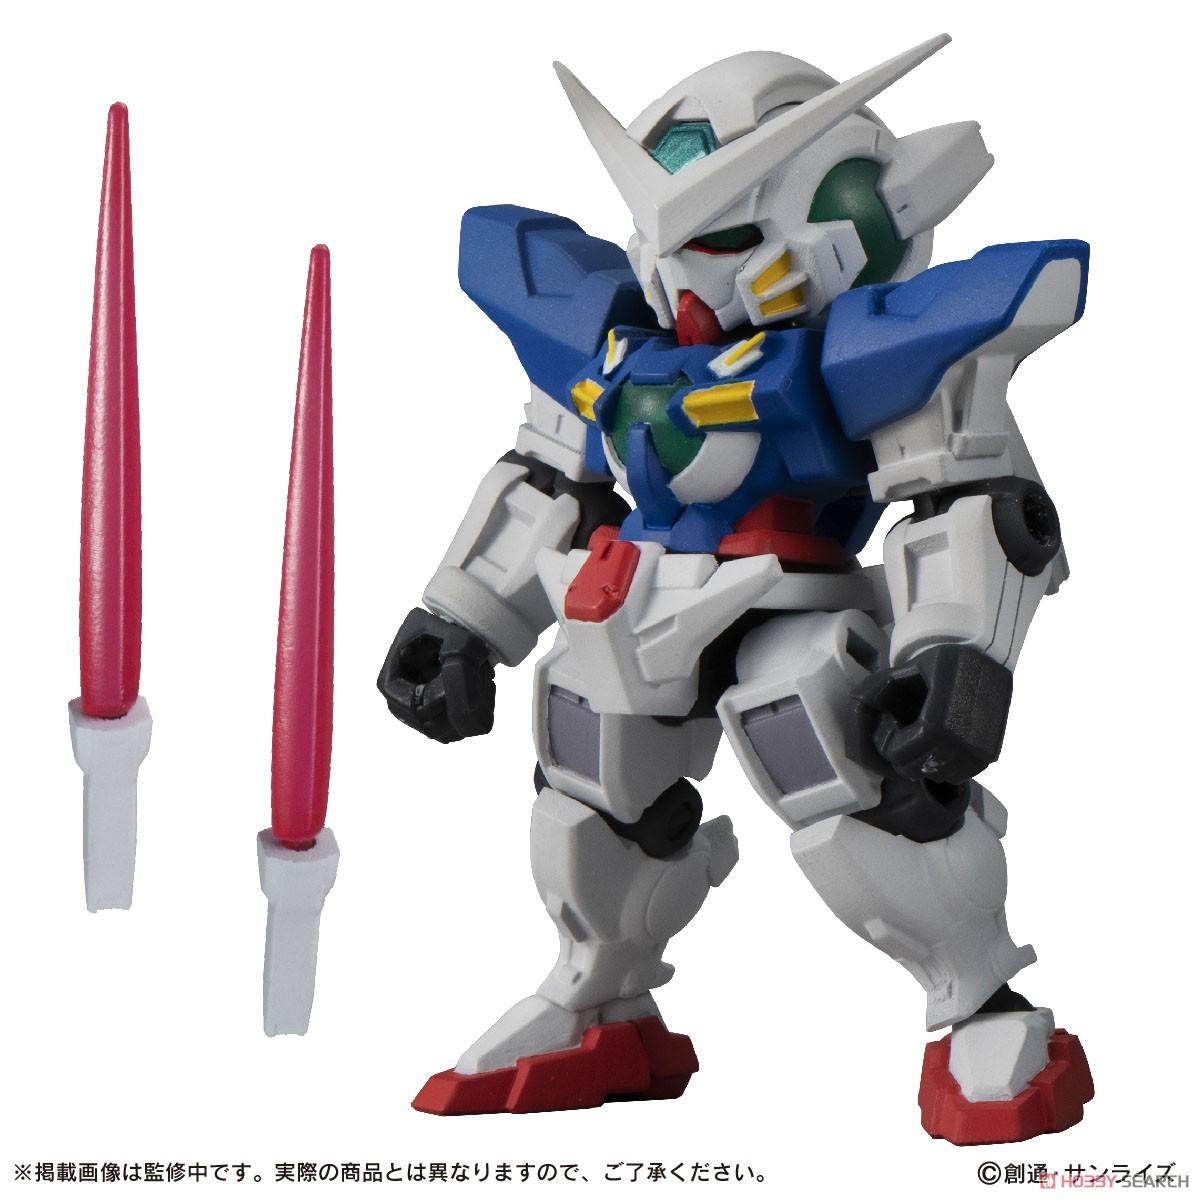 機動戦士ガンダム『MOBILE SUIT ENSEMBLE15』デフォルメフィギュア 10個入りBOX-001